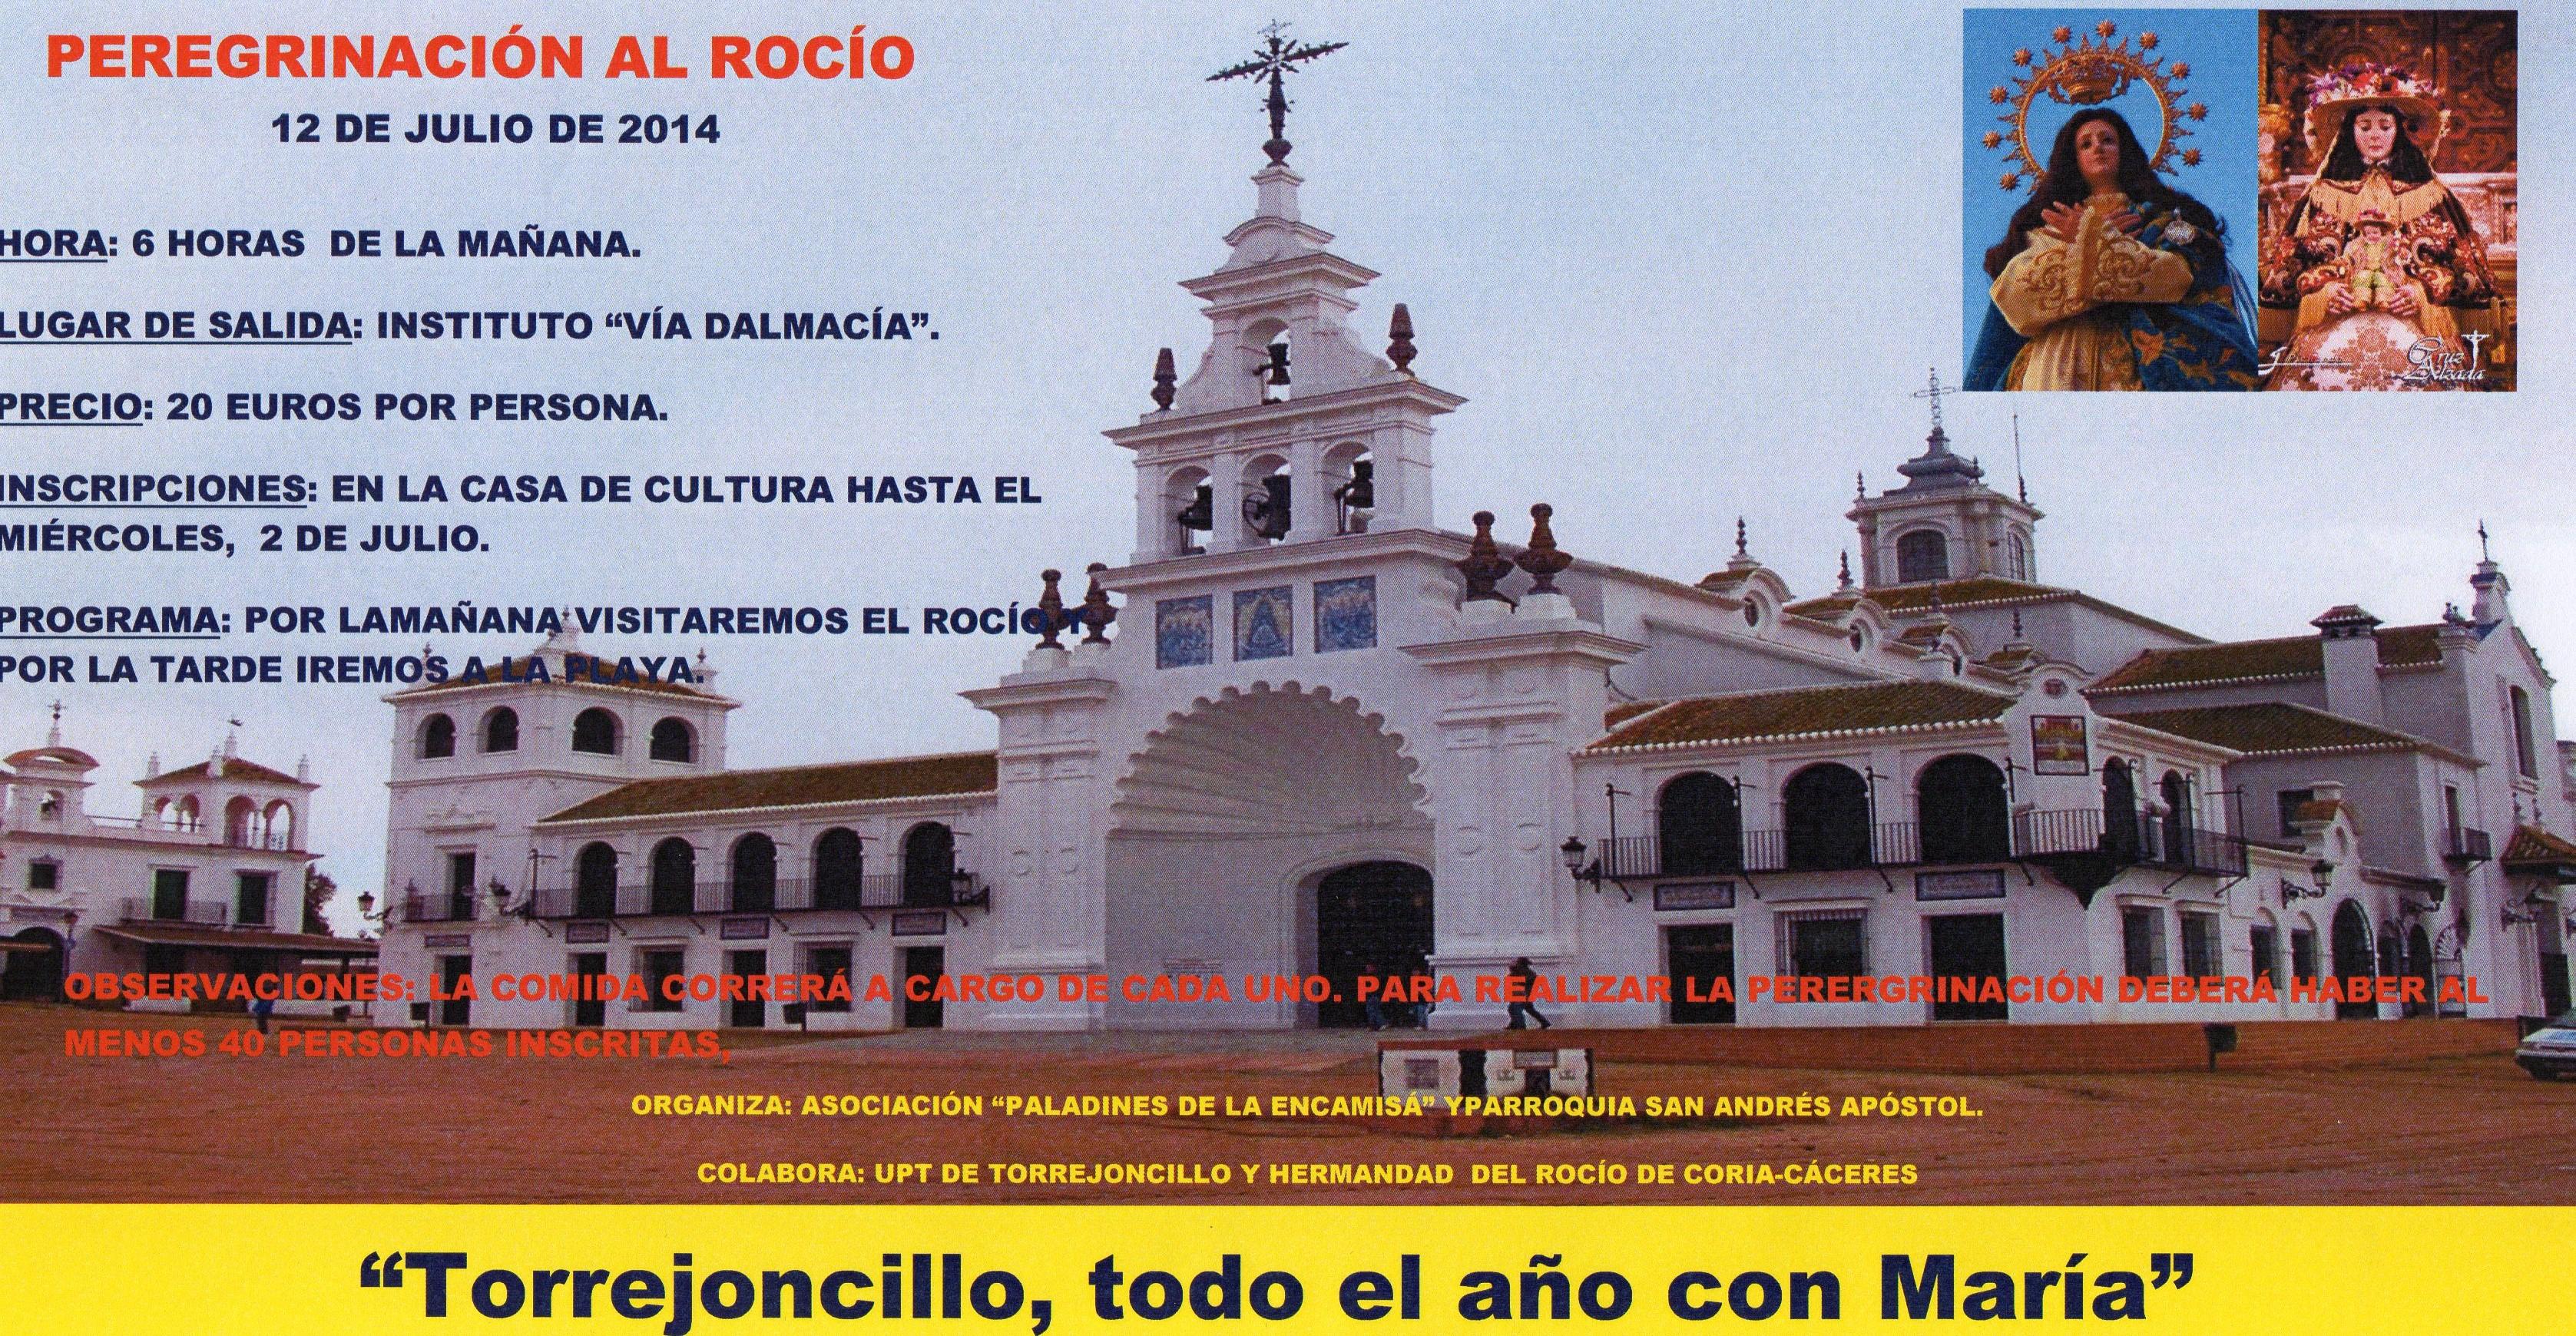 La asociación de Paladines de la Encamisá organiza una peregrinación al Rocío, el 12 de Julio de 2014.